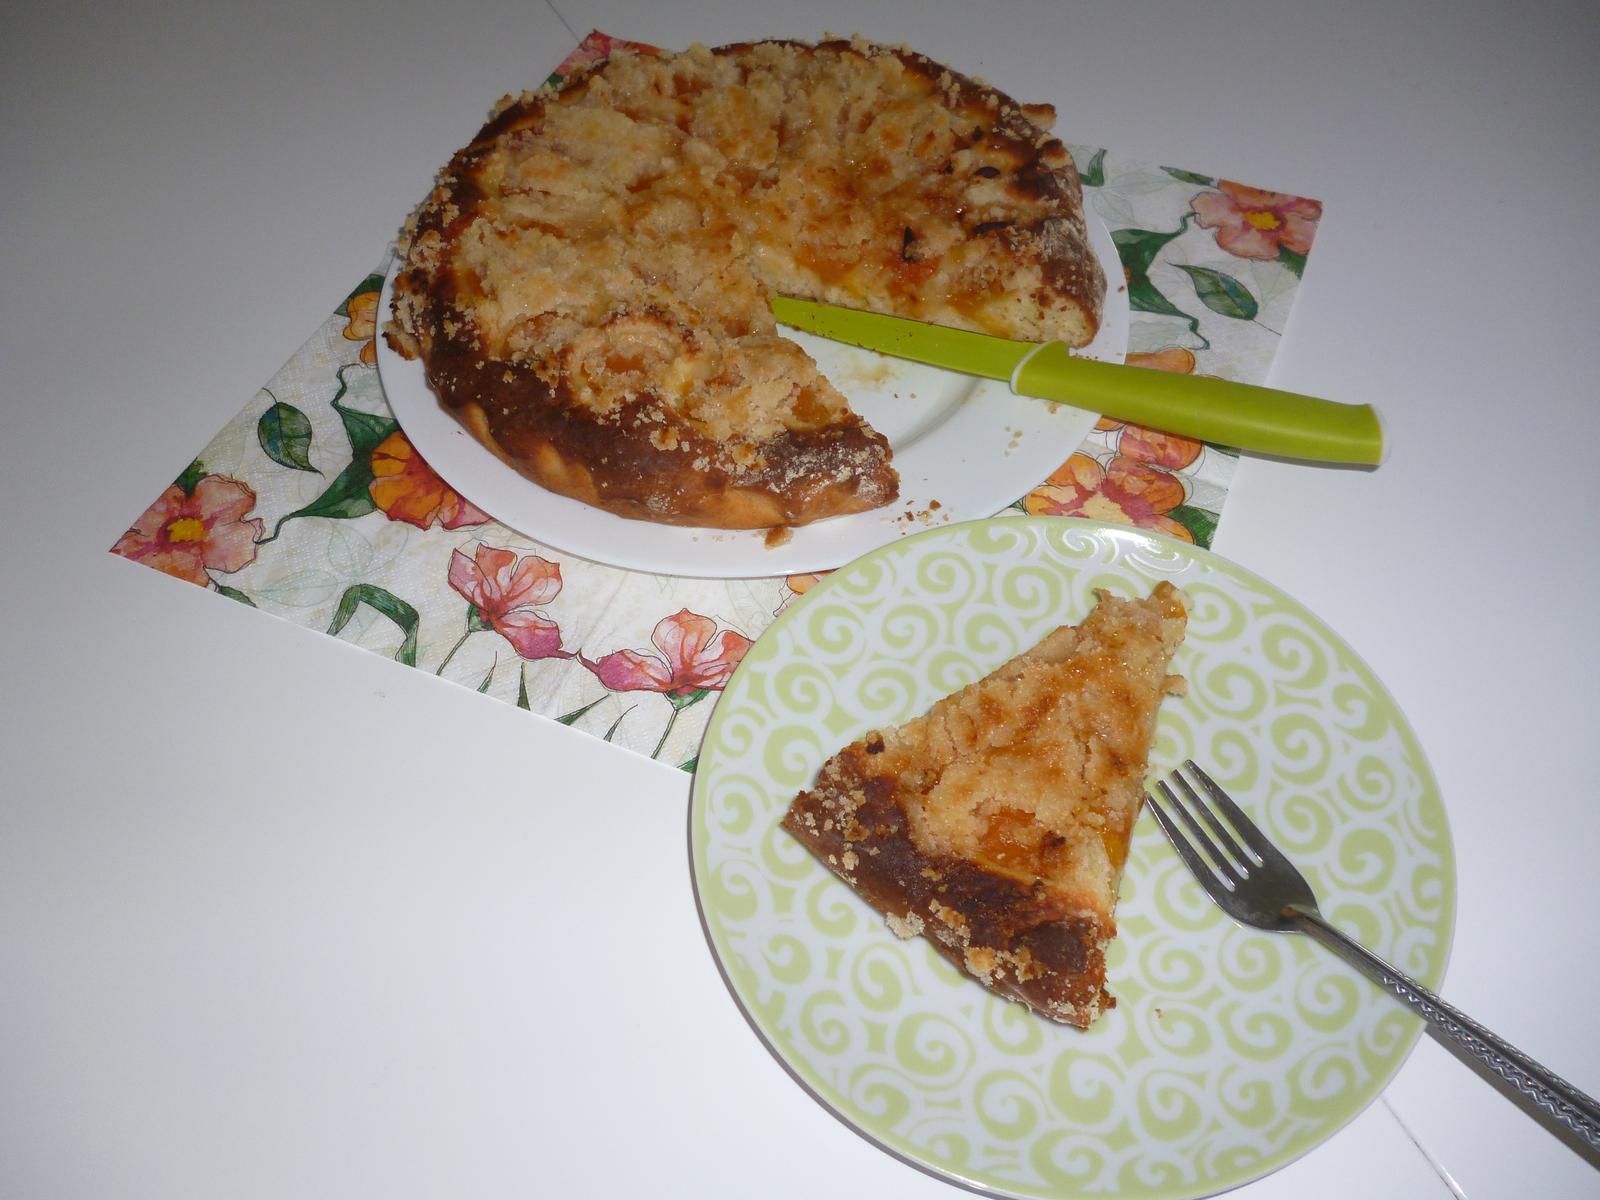 Což dát si něco k snědku - kynutý koláč s meruňkami a drobenkou